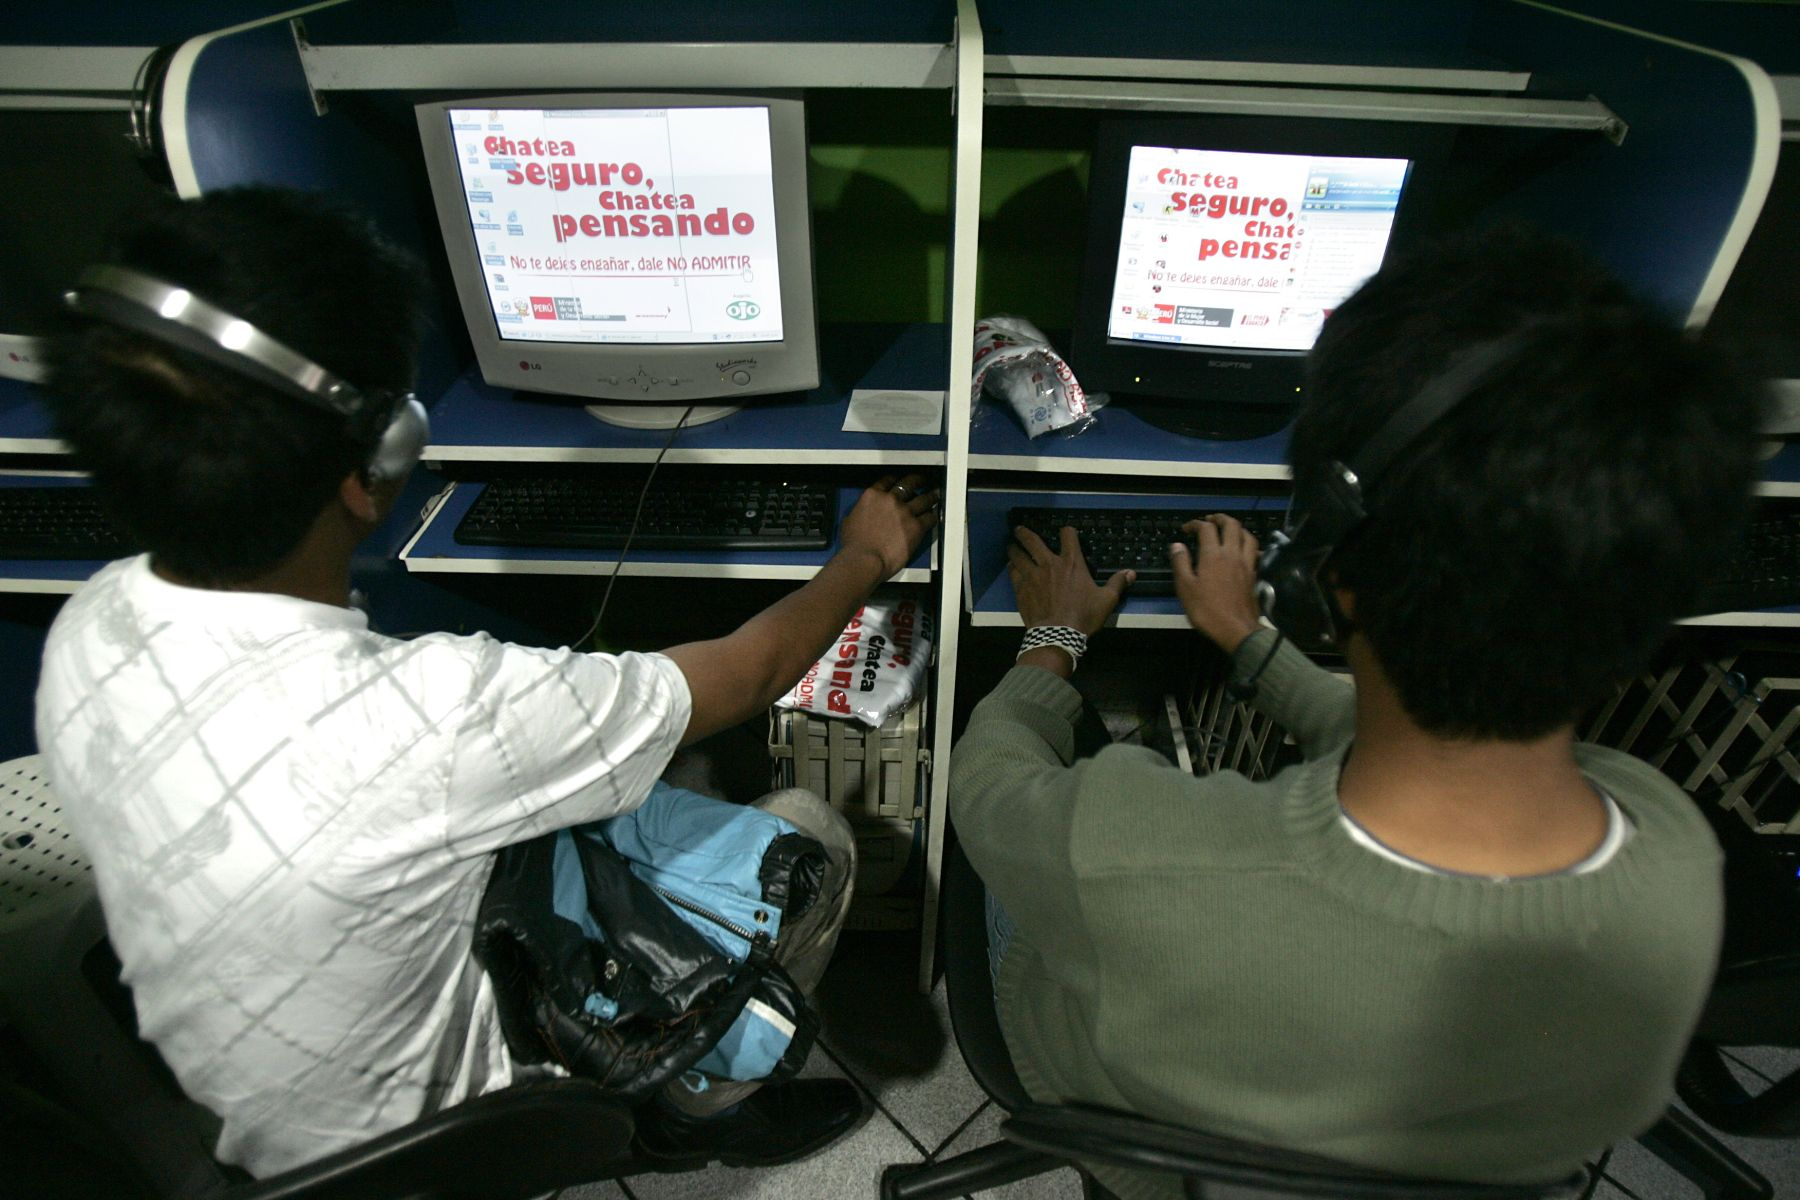 Cabina de internet segura. Foto: ANDINA/Rubén Grández